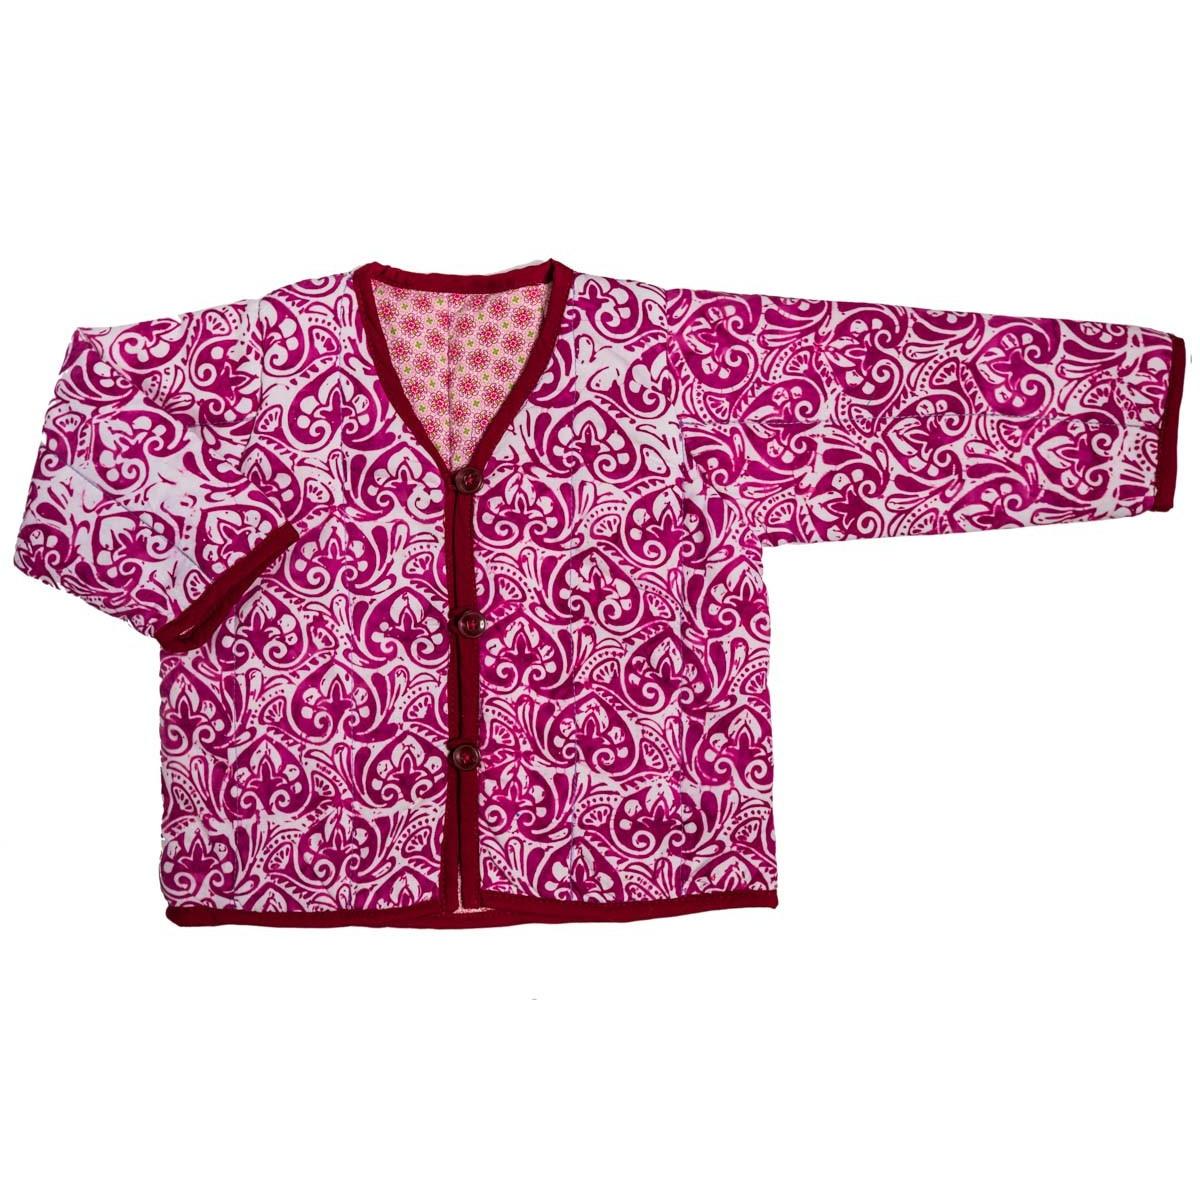 Veste fille 0-24 mois réversible coton rose